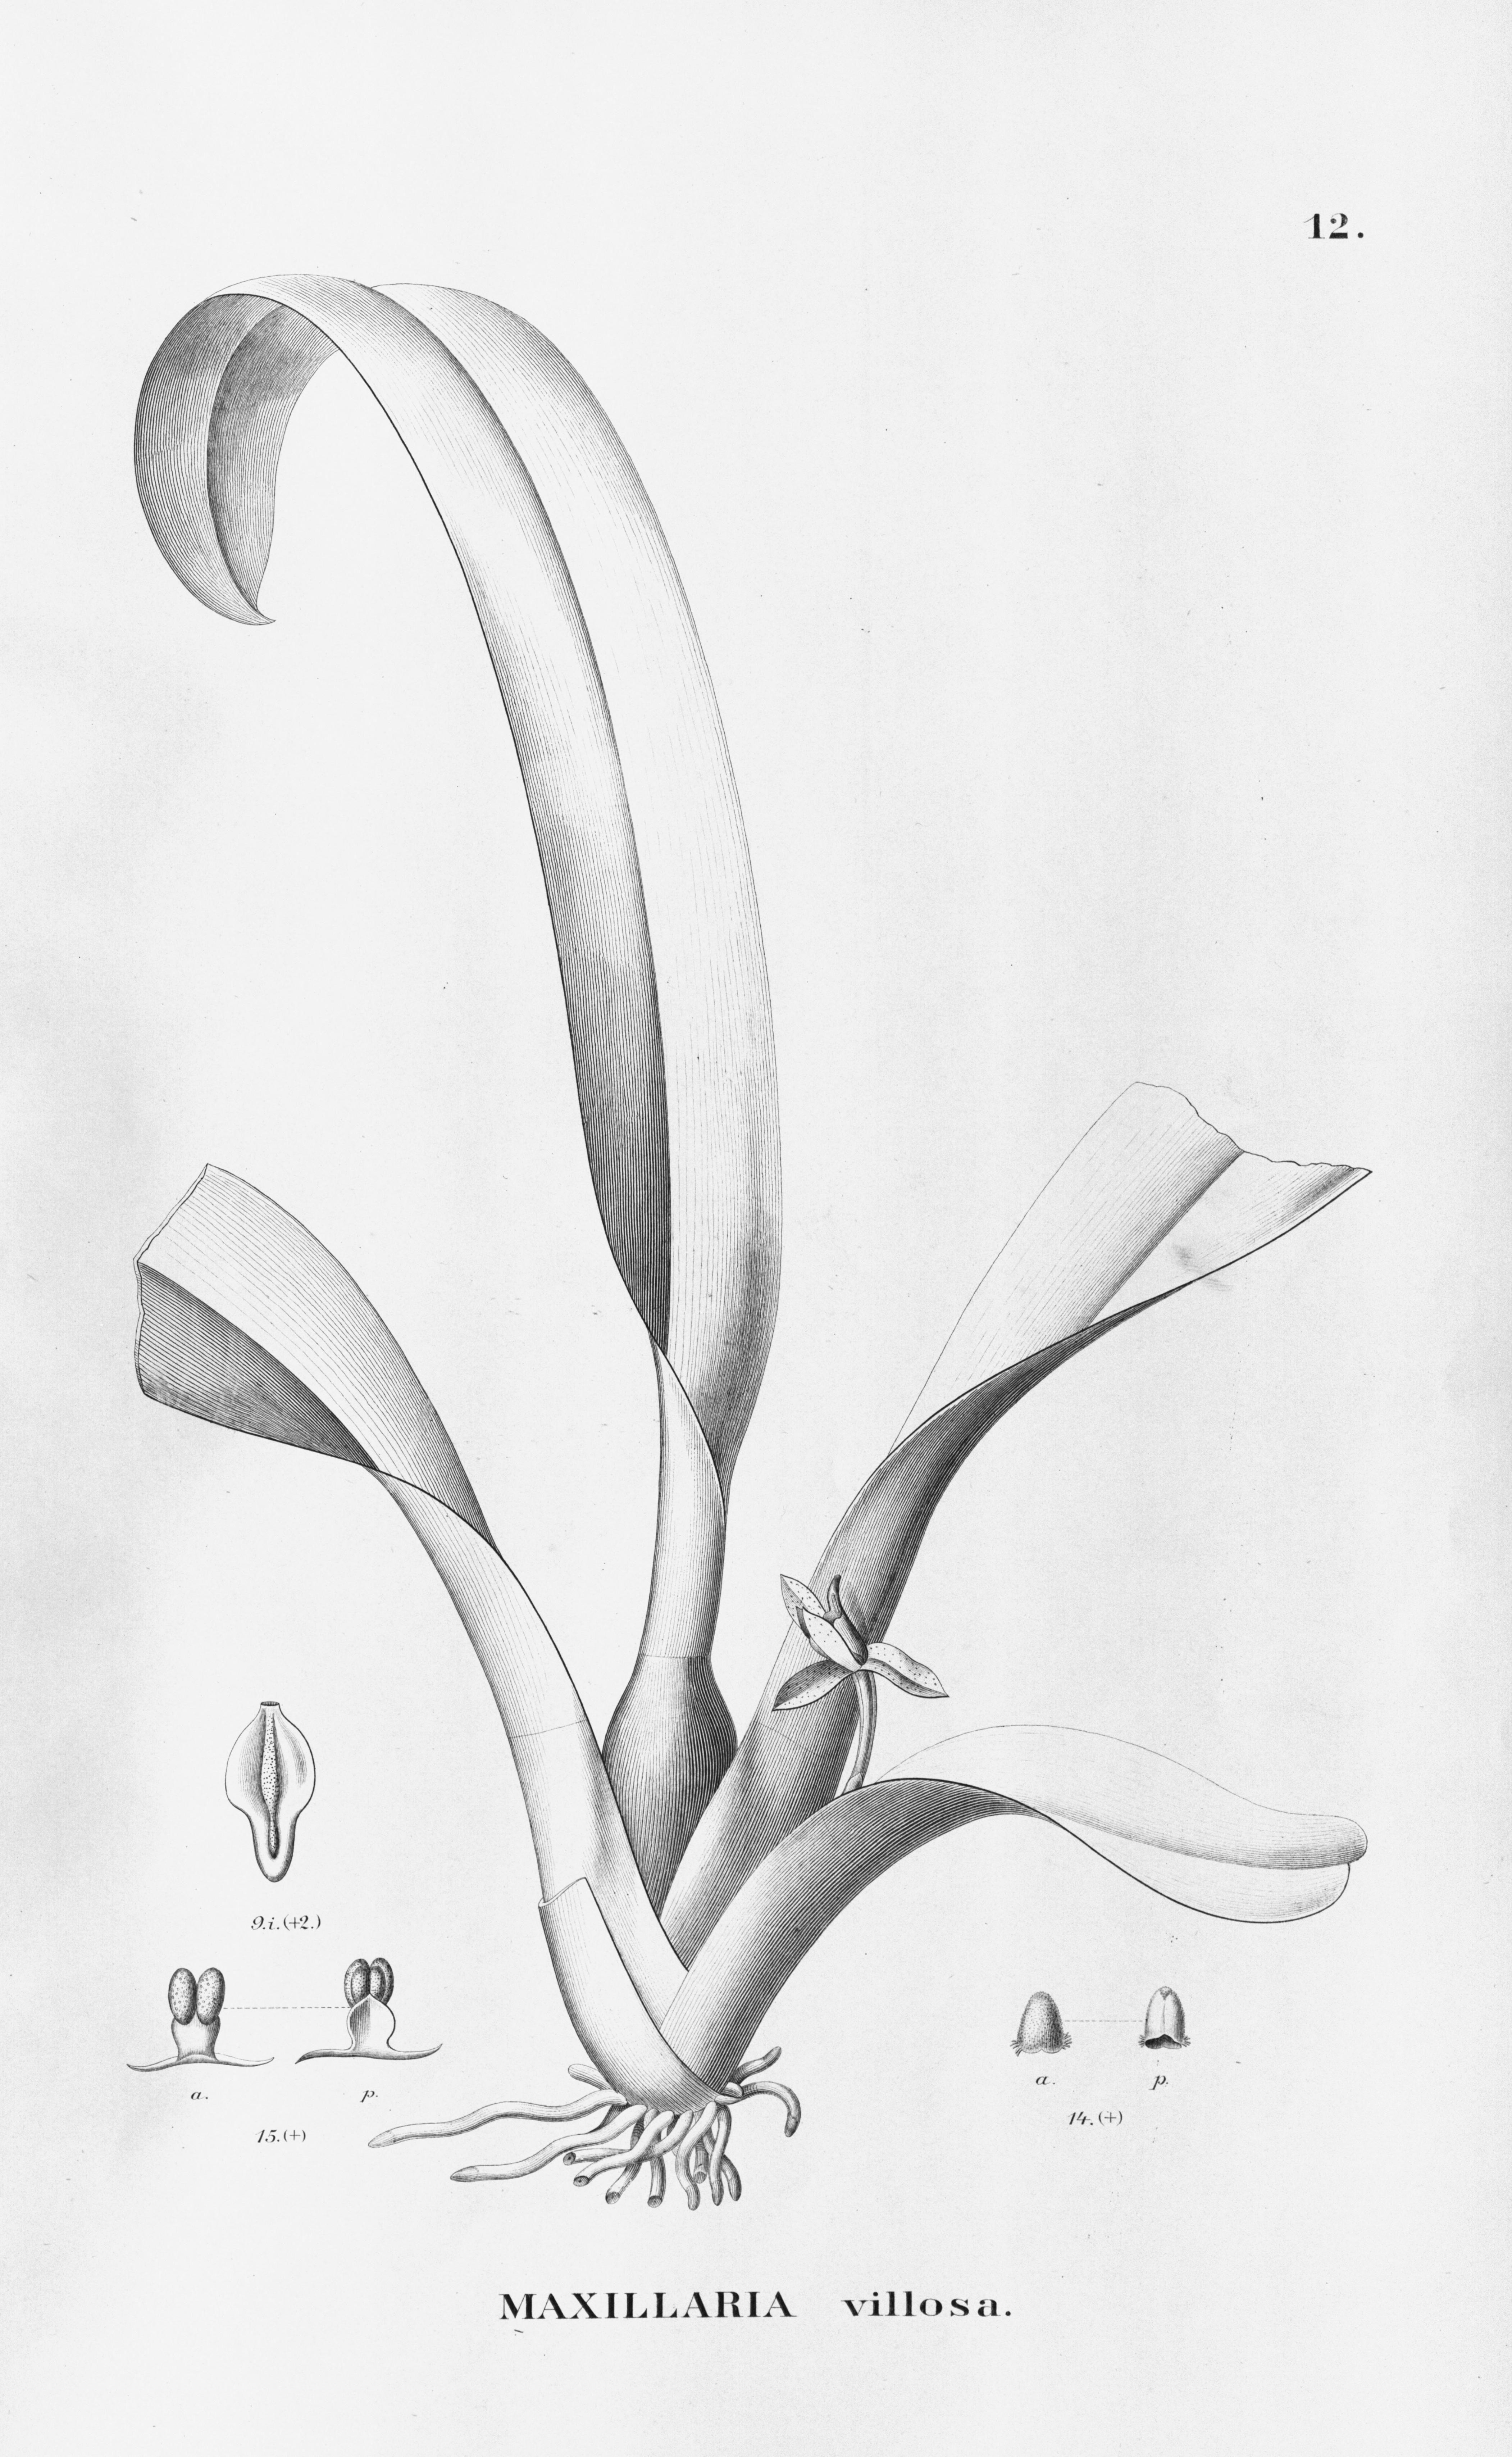 Image of Heterotaxis